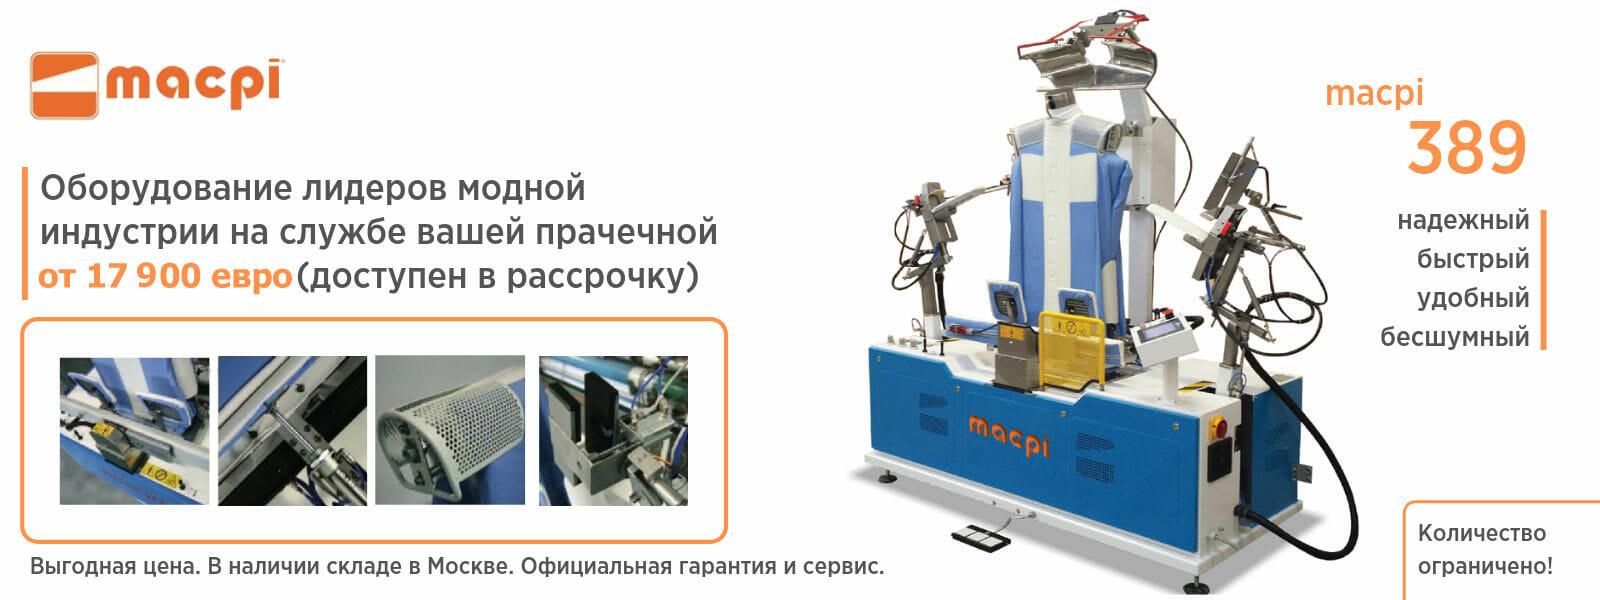 Рубашечный пароманекен MACPI 389 в наличии на складе в Москве